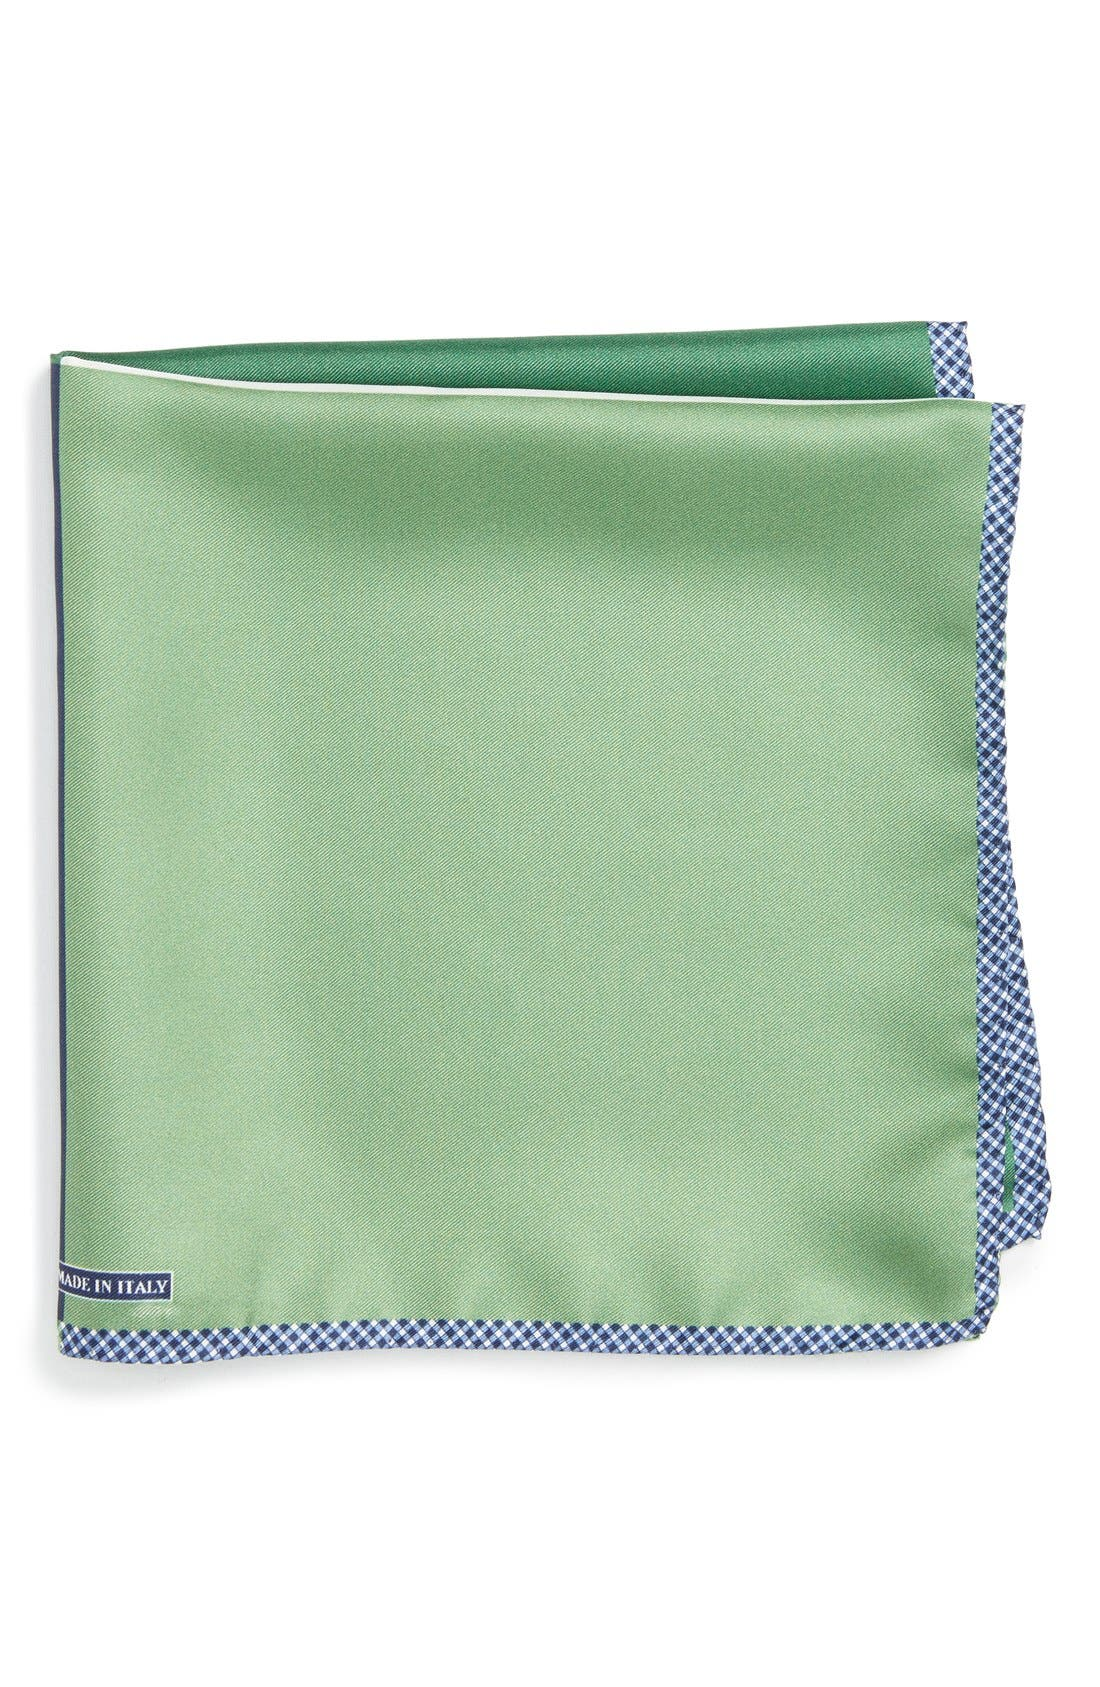 Nordstrom Men's Shop Panel Silk Pocket Square